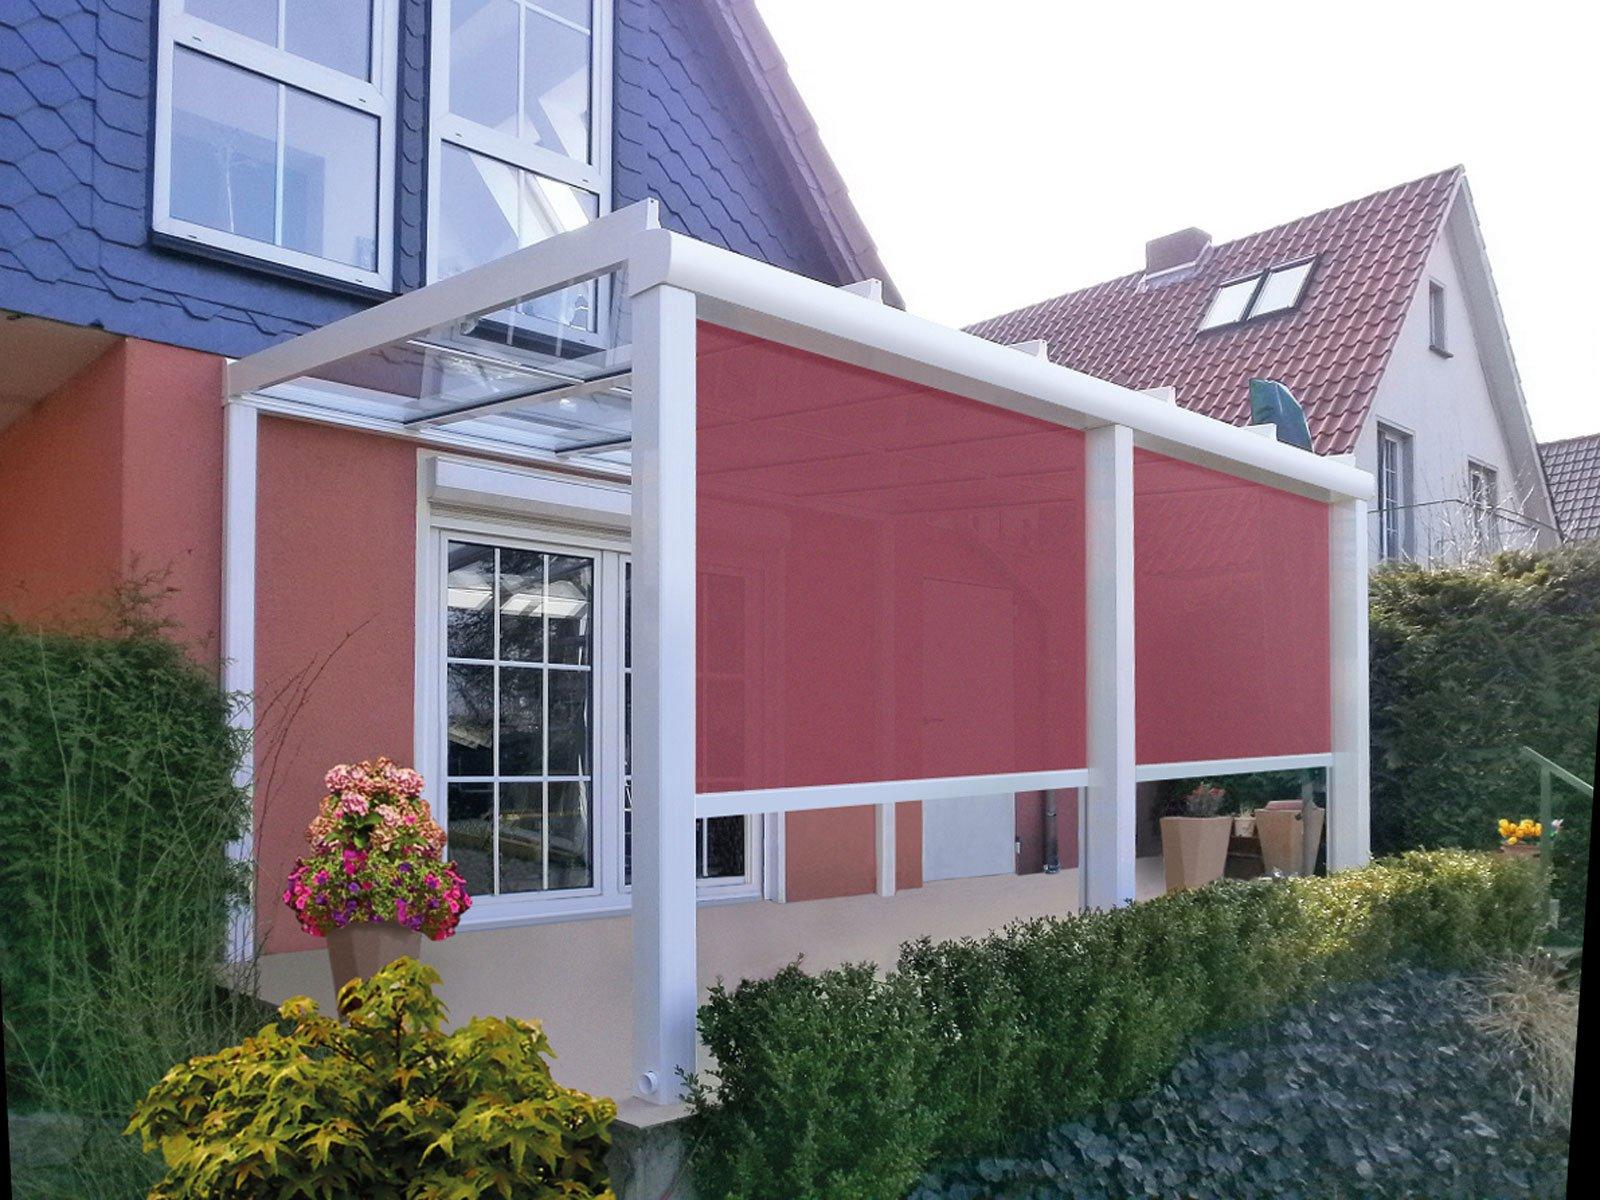 Vendita Tende Da Sole Parma para tessuti per tende da sole – galleria ispirazione casa